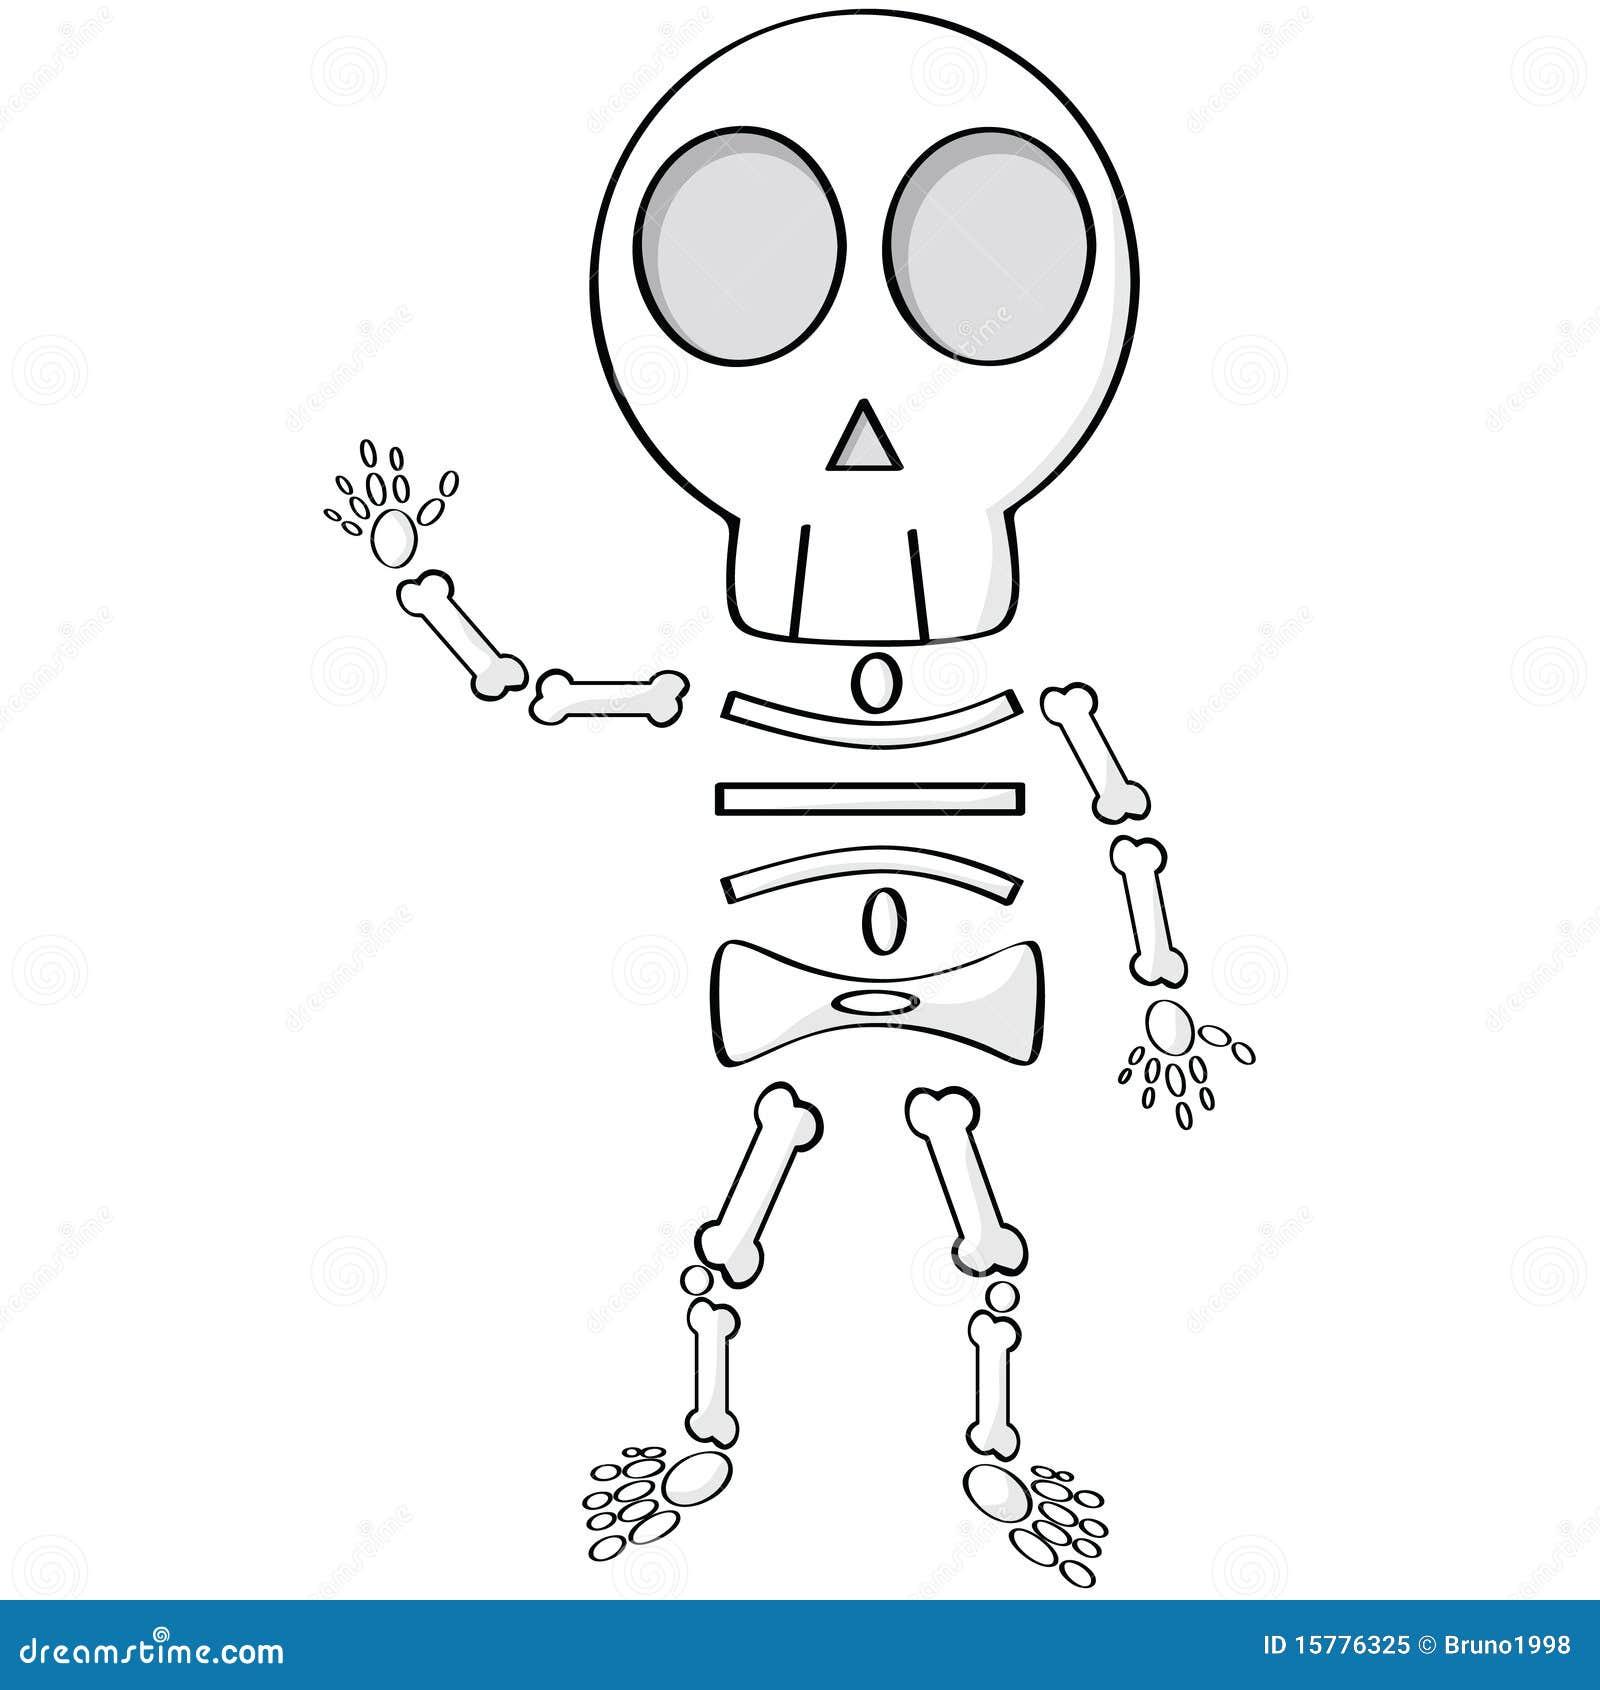 Squelette de dessin anim photo libre de droits image - Dessin de squelette ...